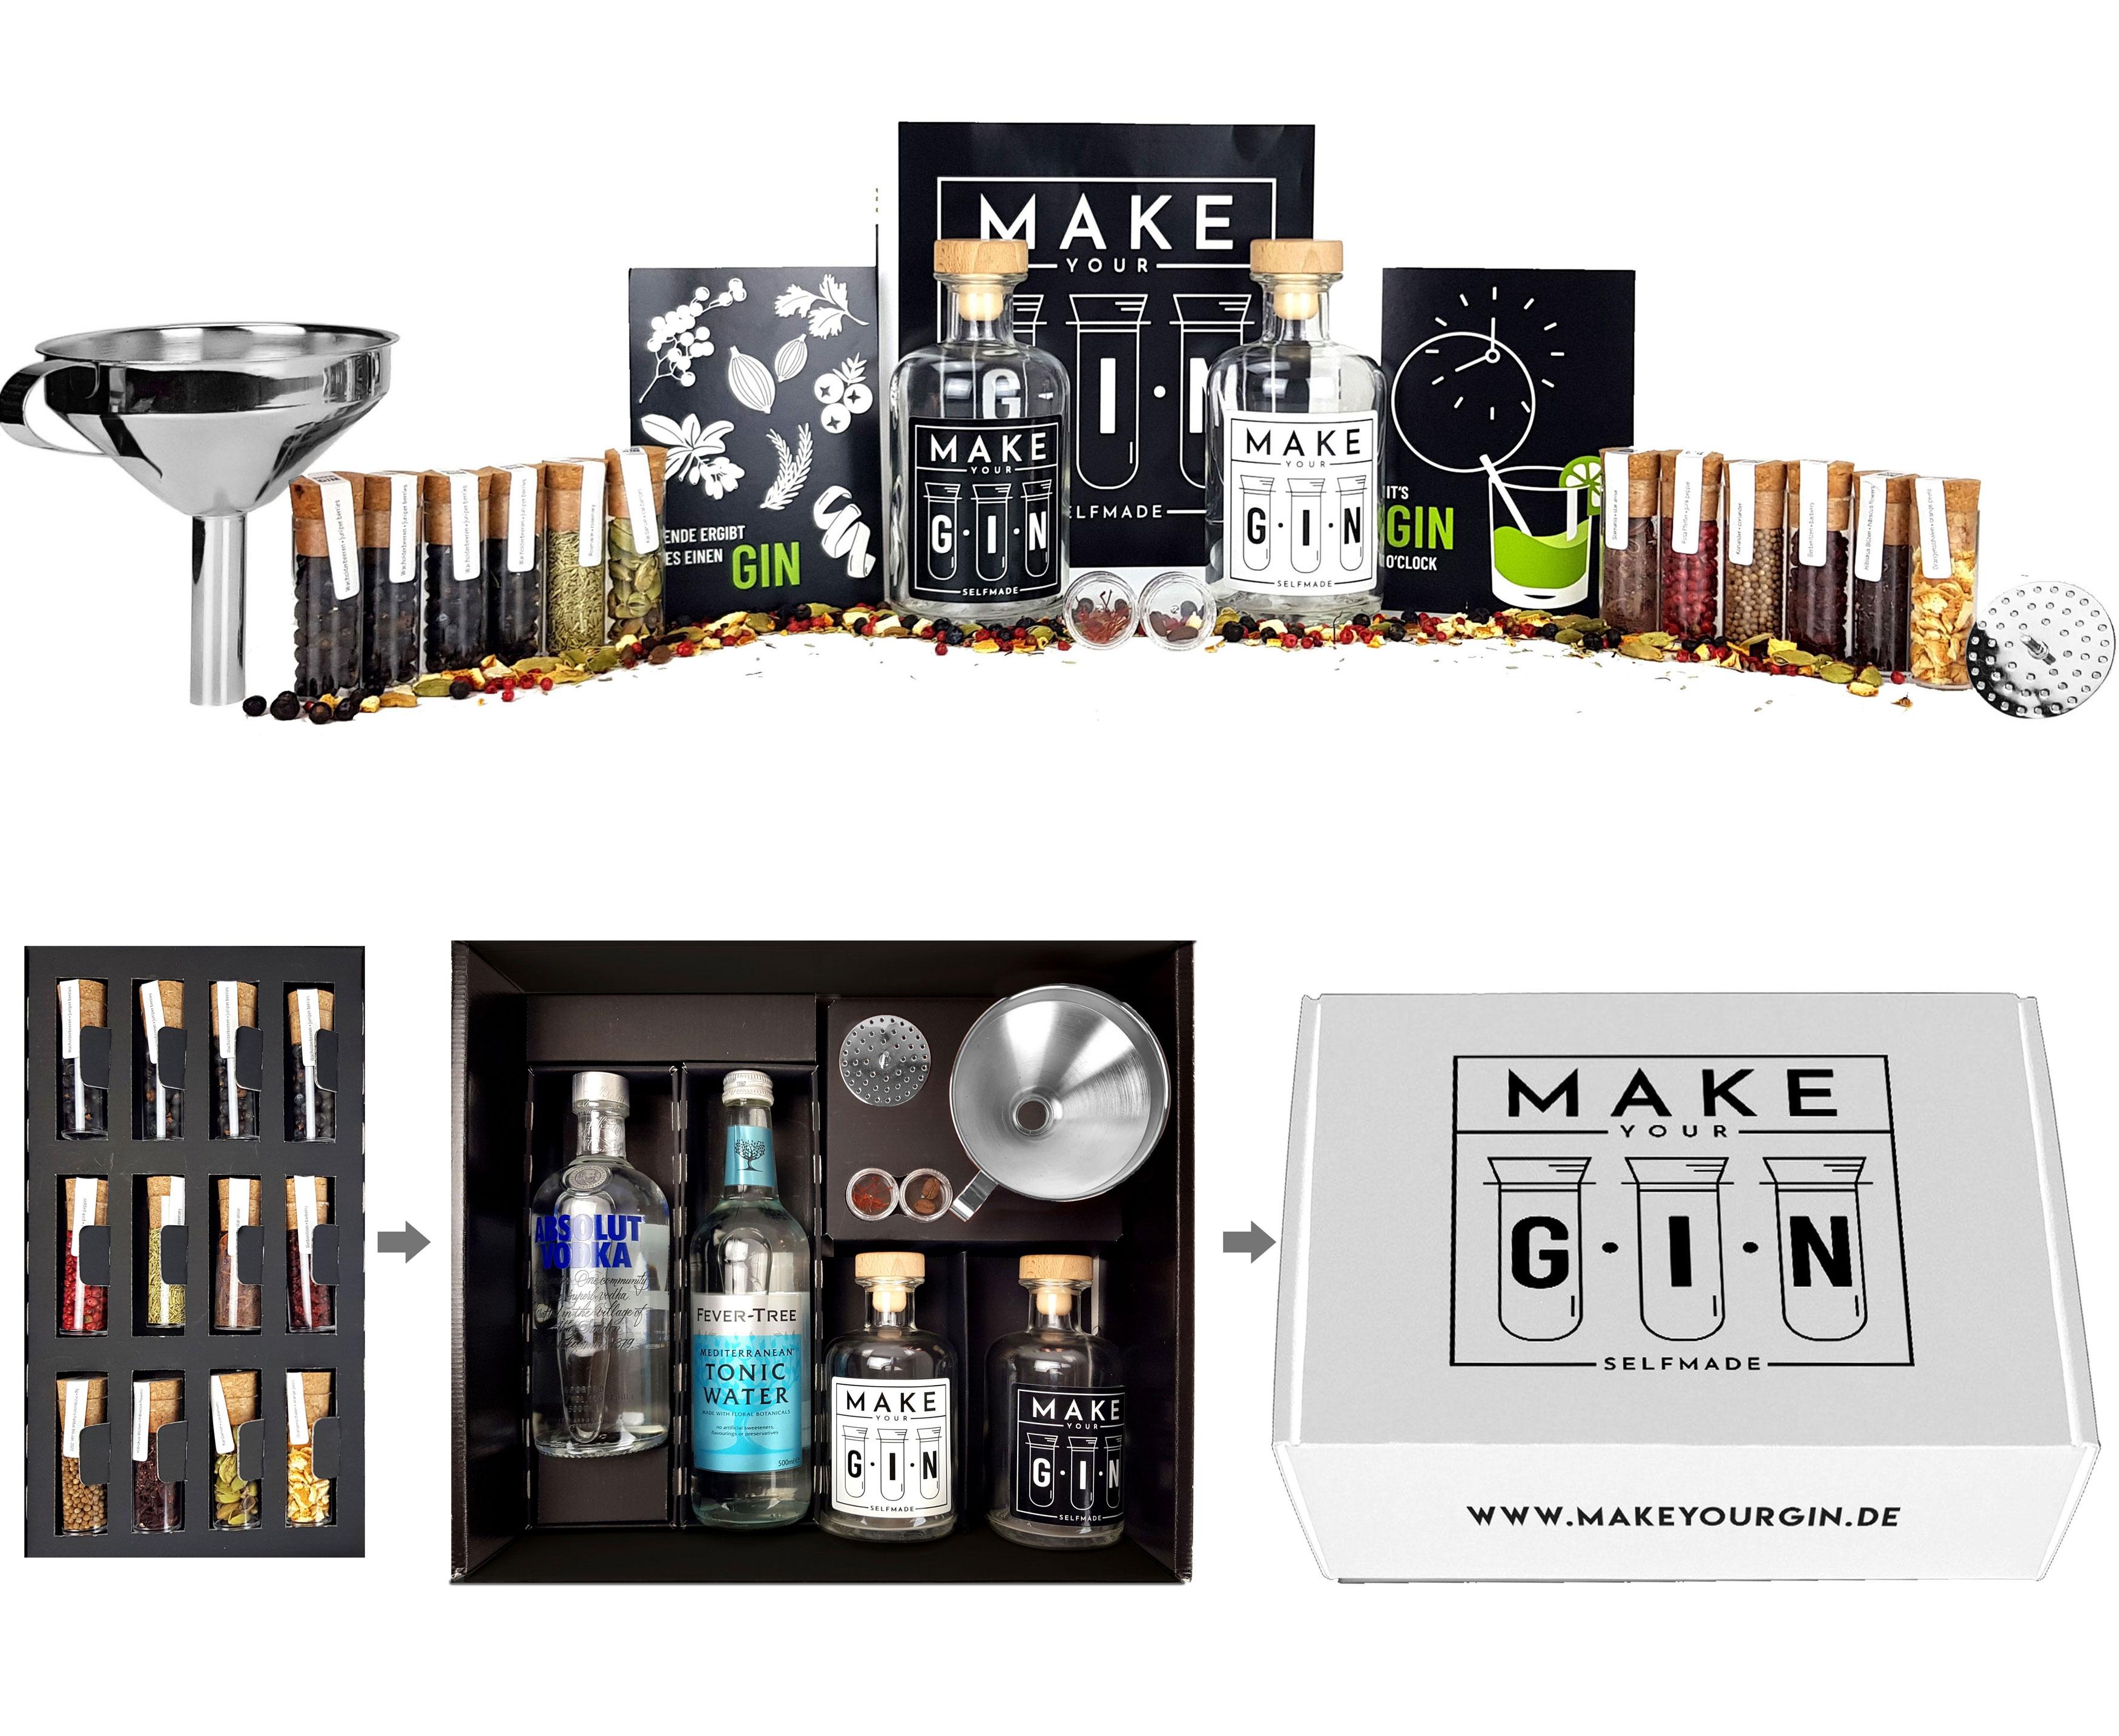 Make Your Gin Geschenkset Geschenkbox in weiß - Gin zum Selbermachen - Absolut Vodka, Fever-Tree Mediterranean Tonic Water 500ml + Botanicals + Bar Trichter + Anleitung mit Rezept